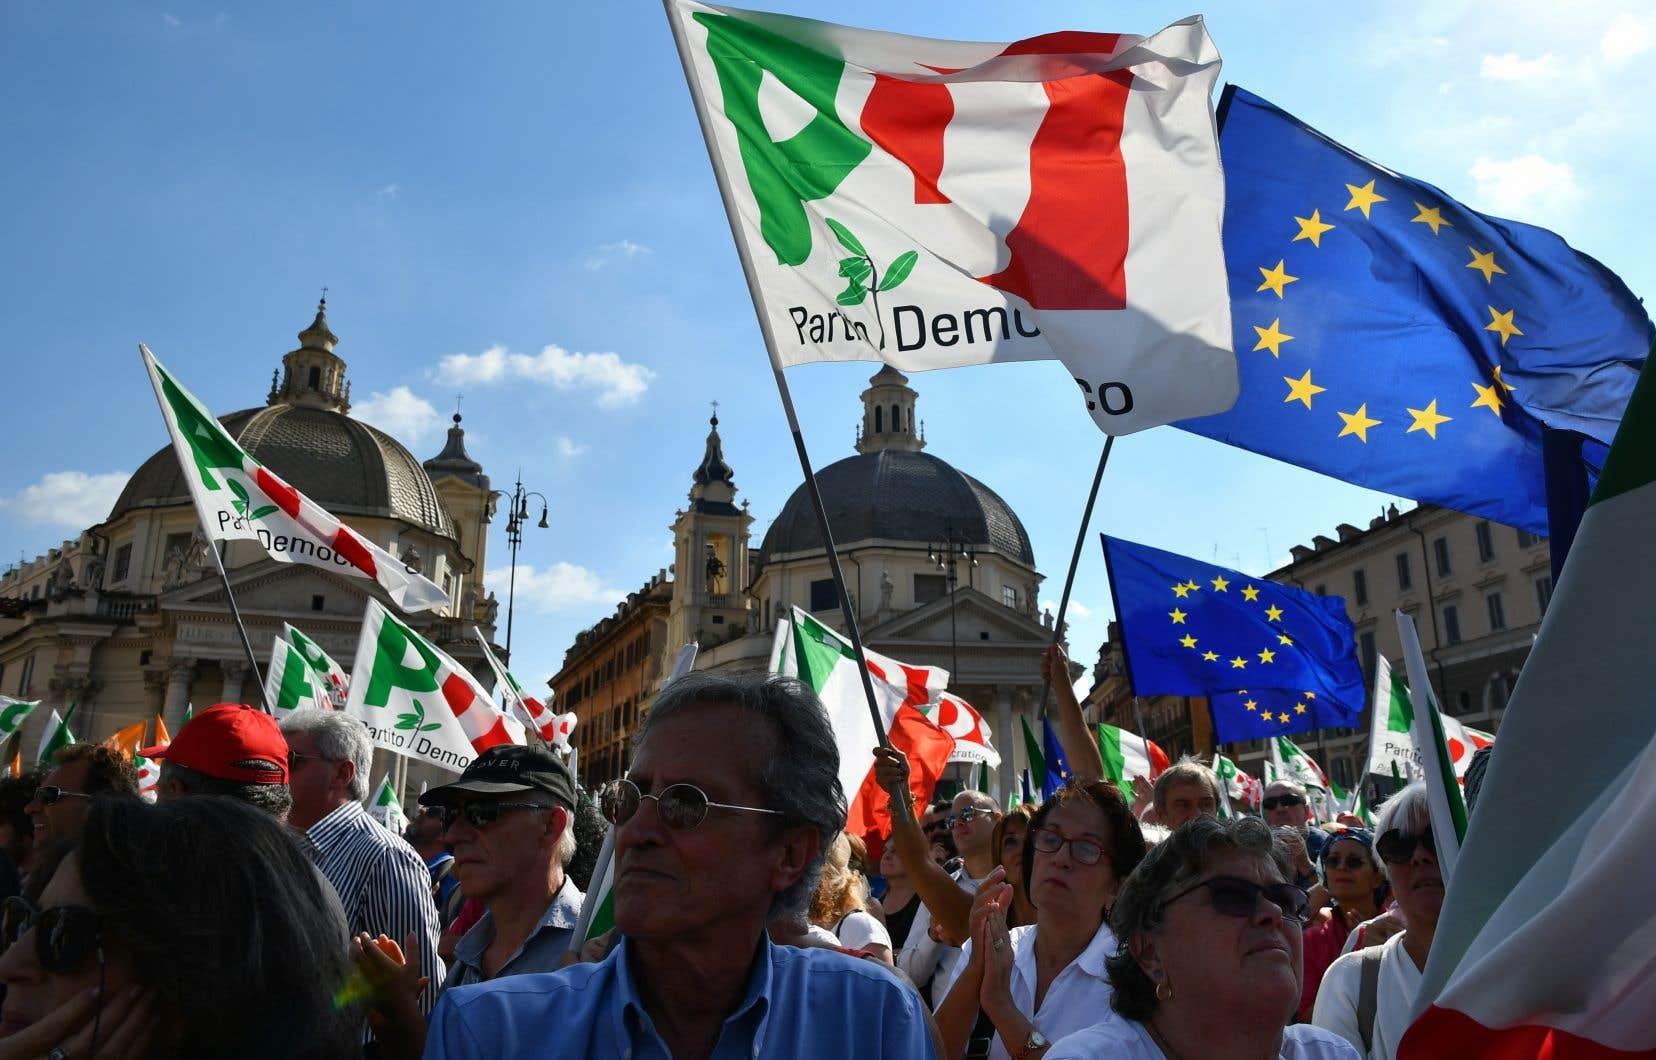 Des dizaines de milliers de partisans du Parti démocratese sont retrouvés à la piazza del Popolo, la place du Peuple, pour témoigner de «l'Italie qui n'a pas peur».